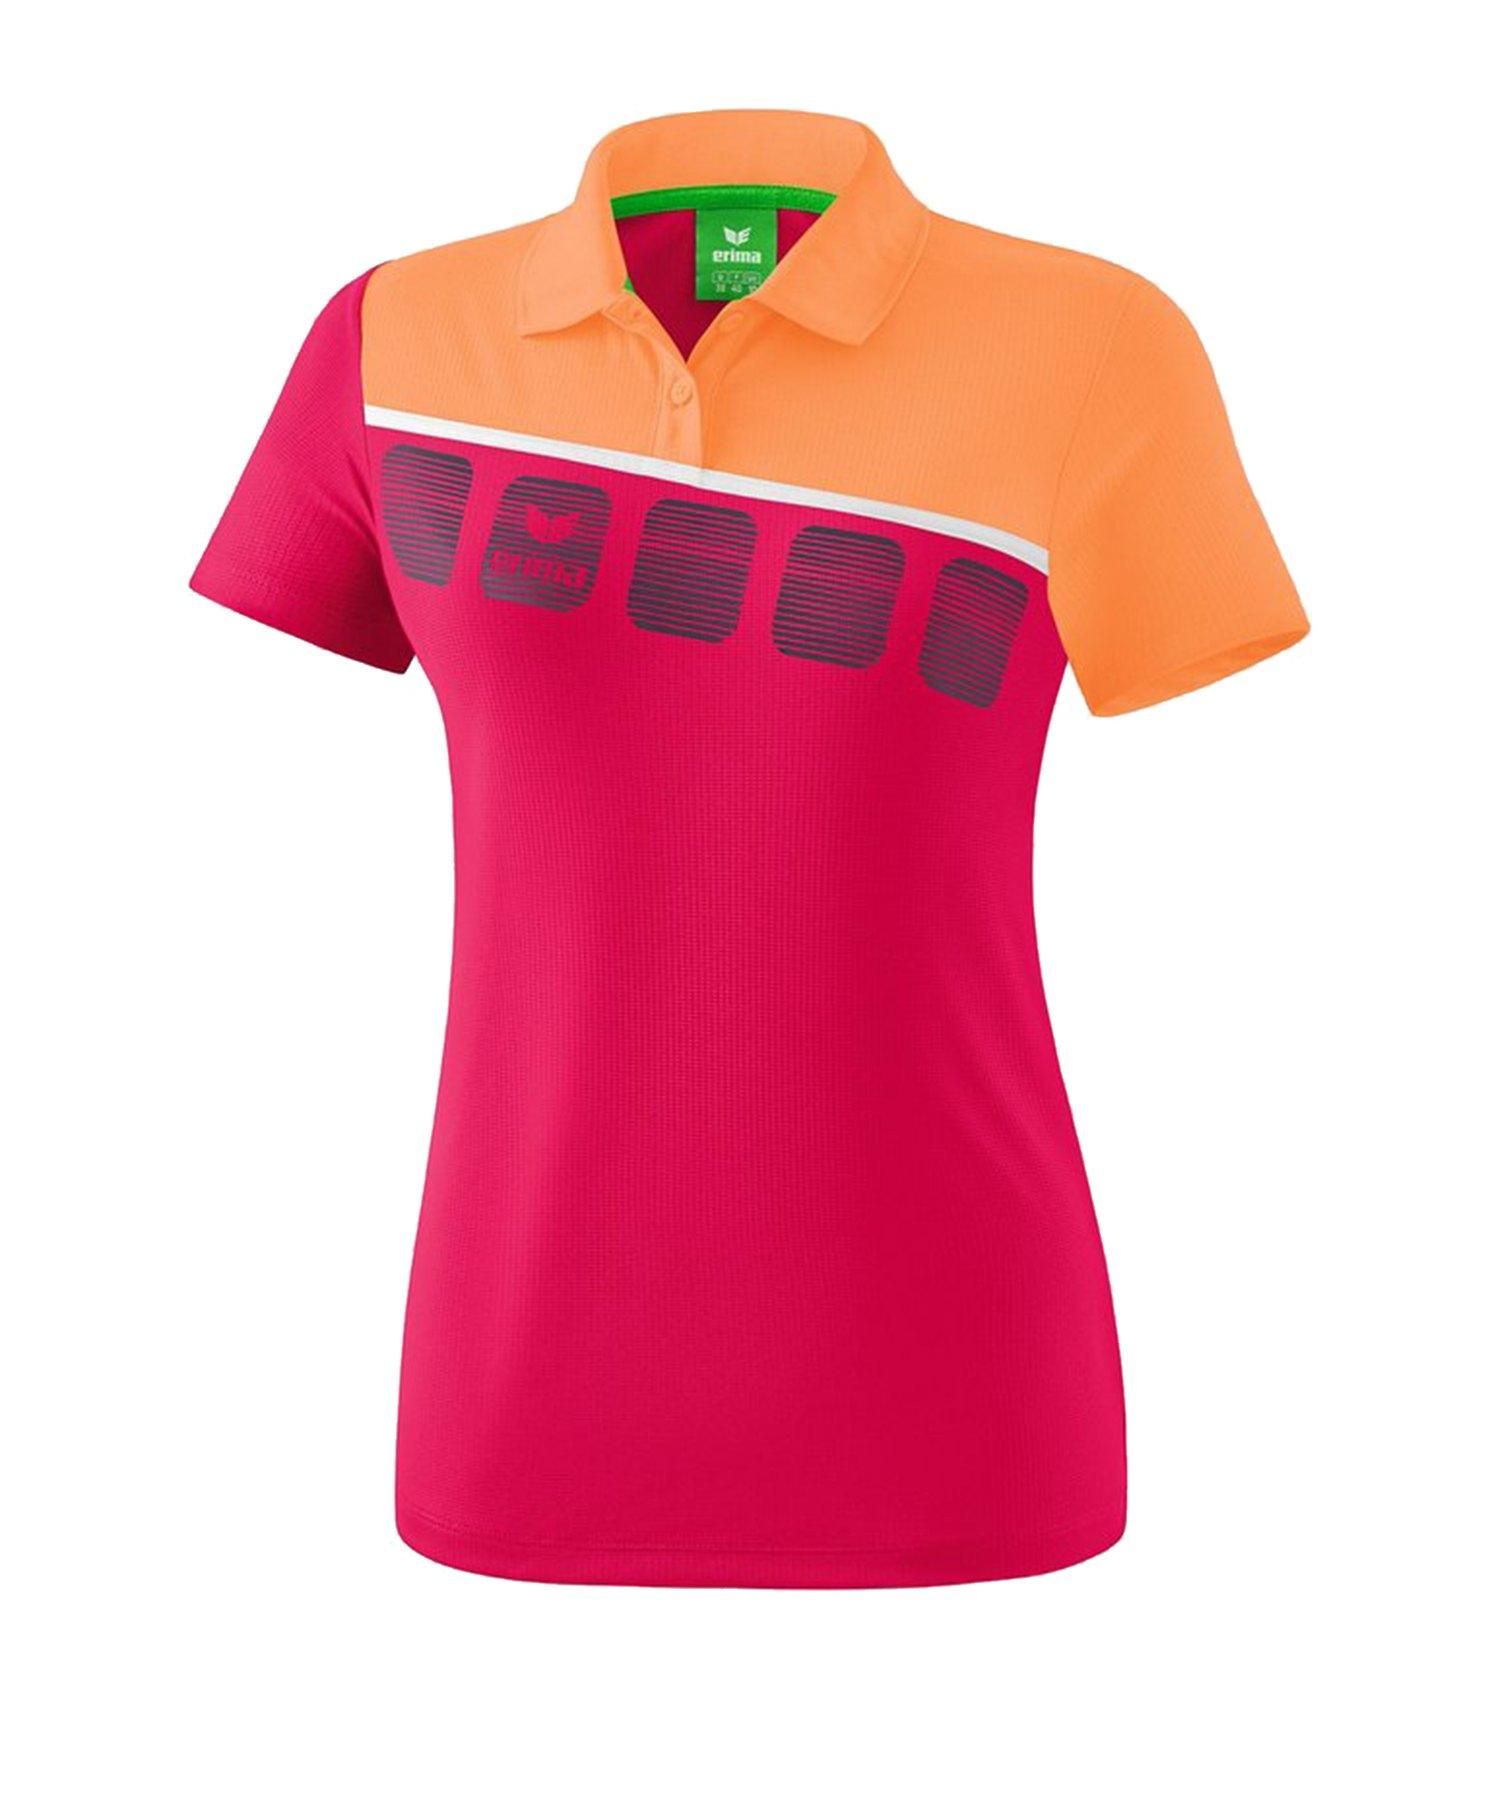 Erima 5-C Poloshirt Damen Pink Orange - Pink